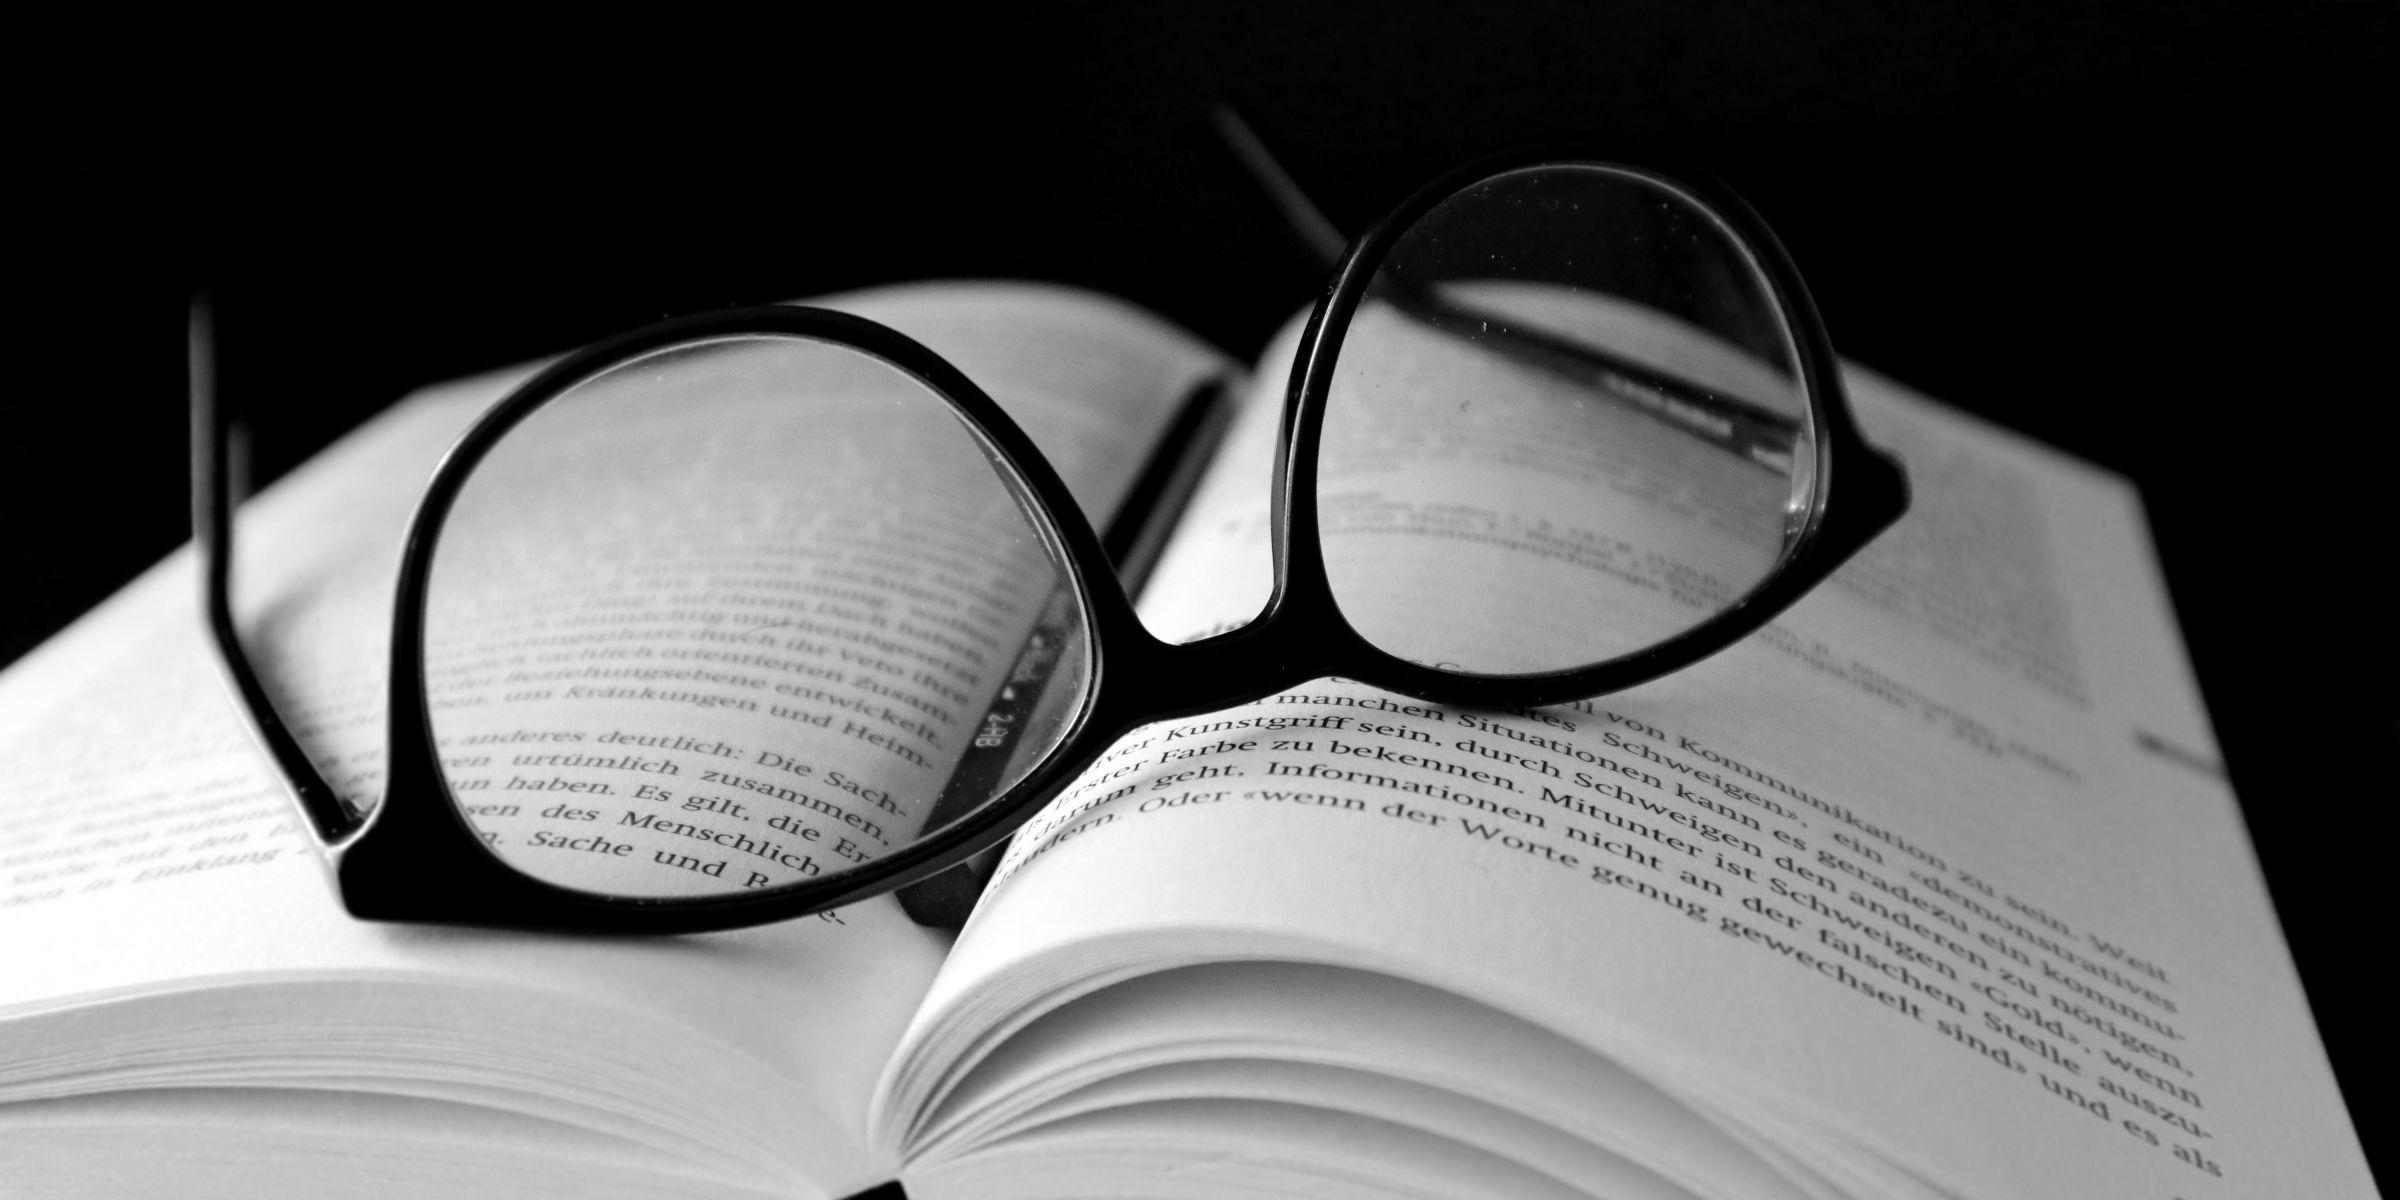 Co warto przeczytać – jakie książki polecają …